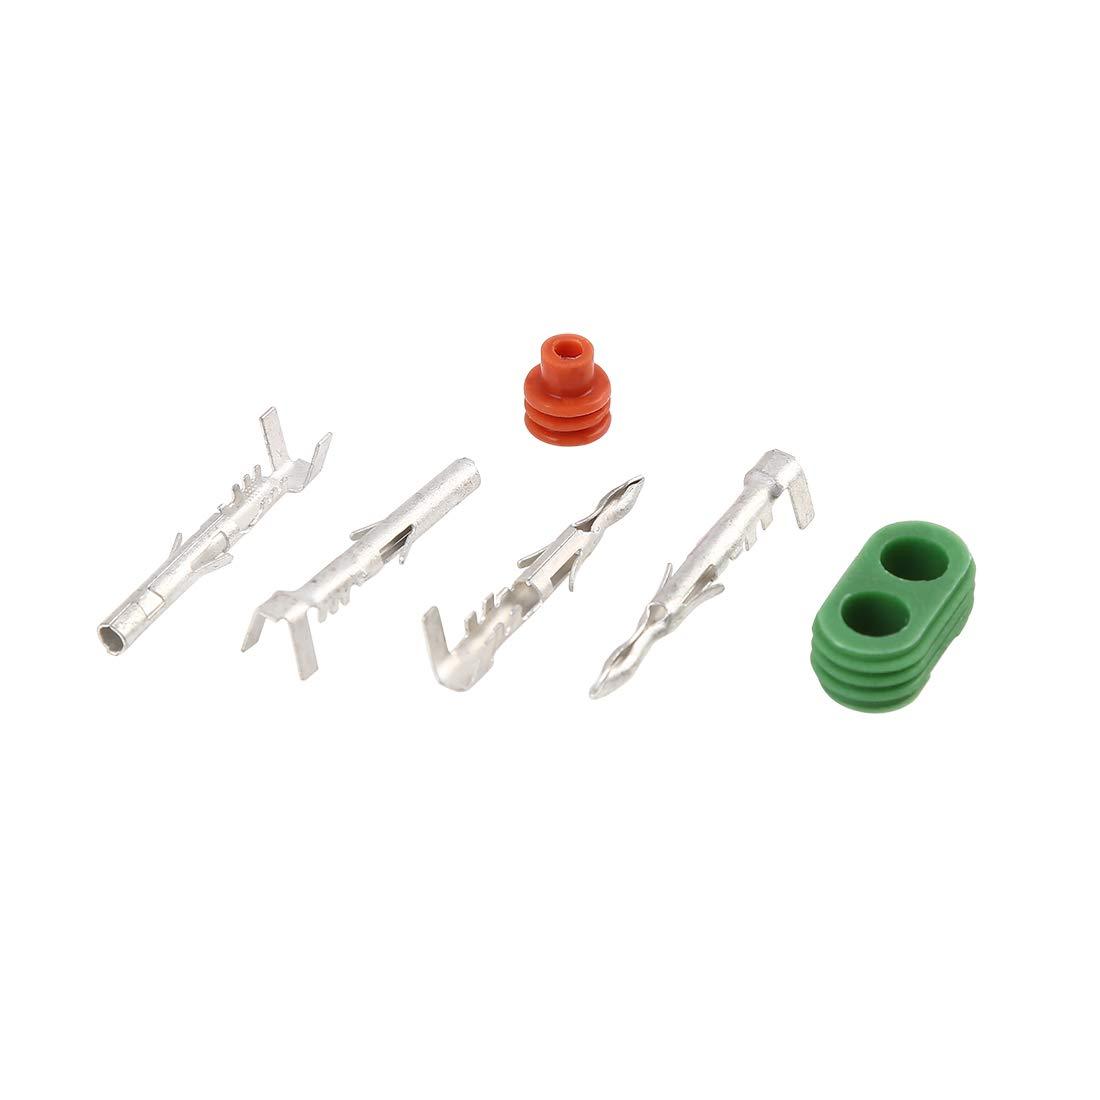 2 Pin 2,5 mm X AUTOHAUX Connettore terminale Impermeabile per Auto Serie 2 Set